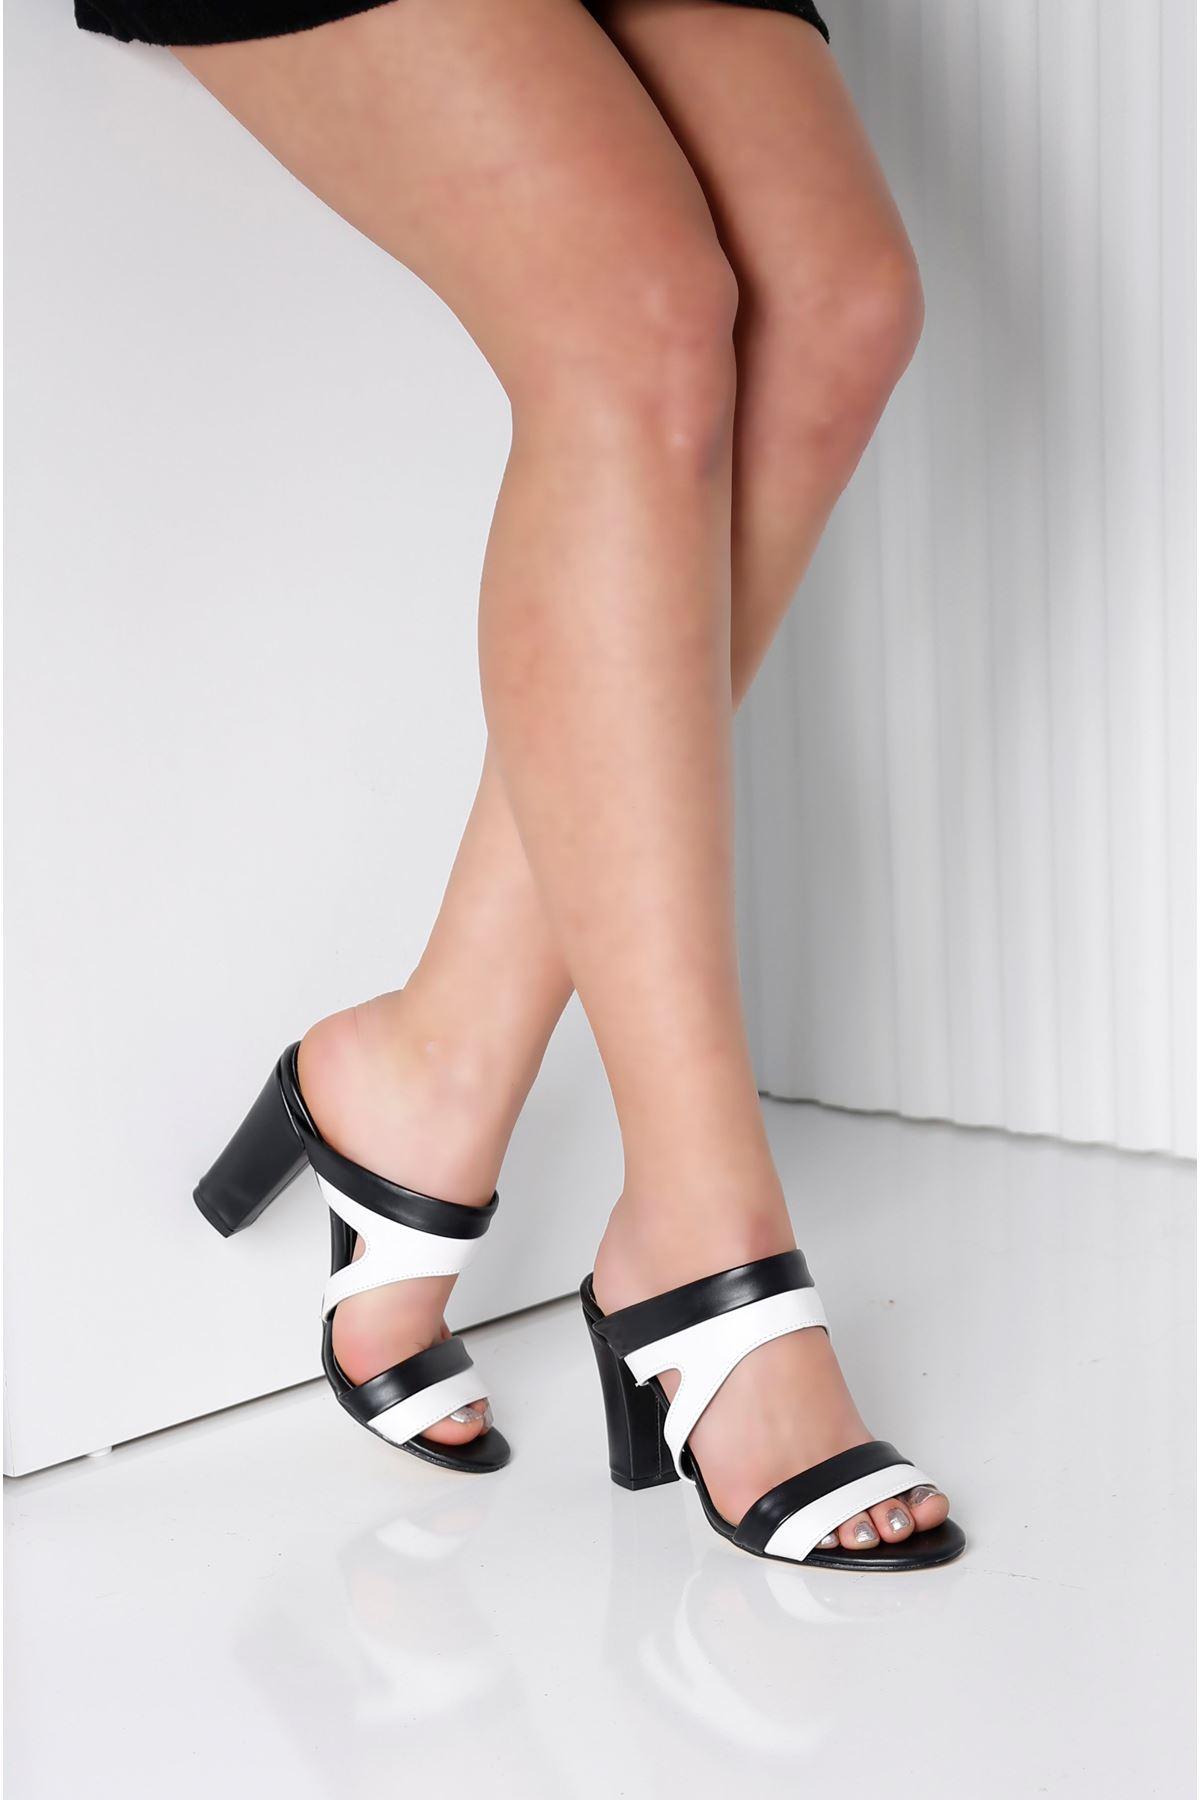 EDINA Siyah Beyaz Topuklu Kadın Terlik